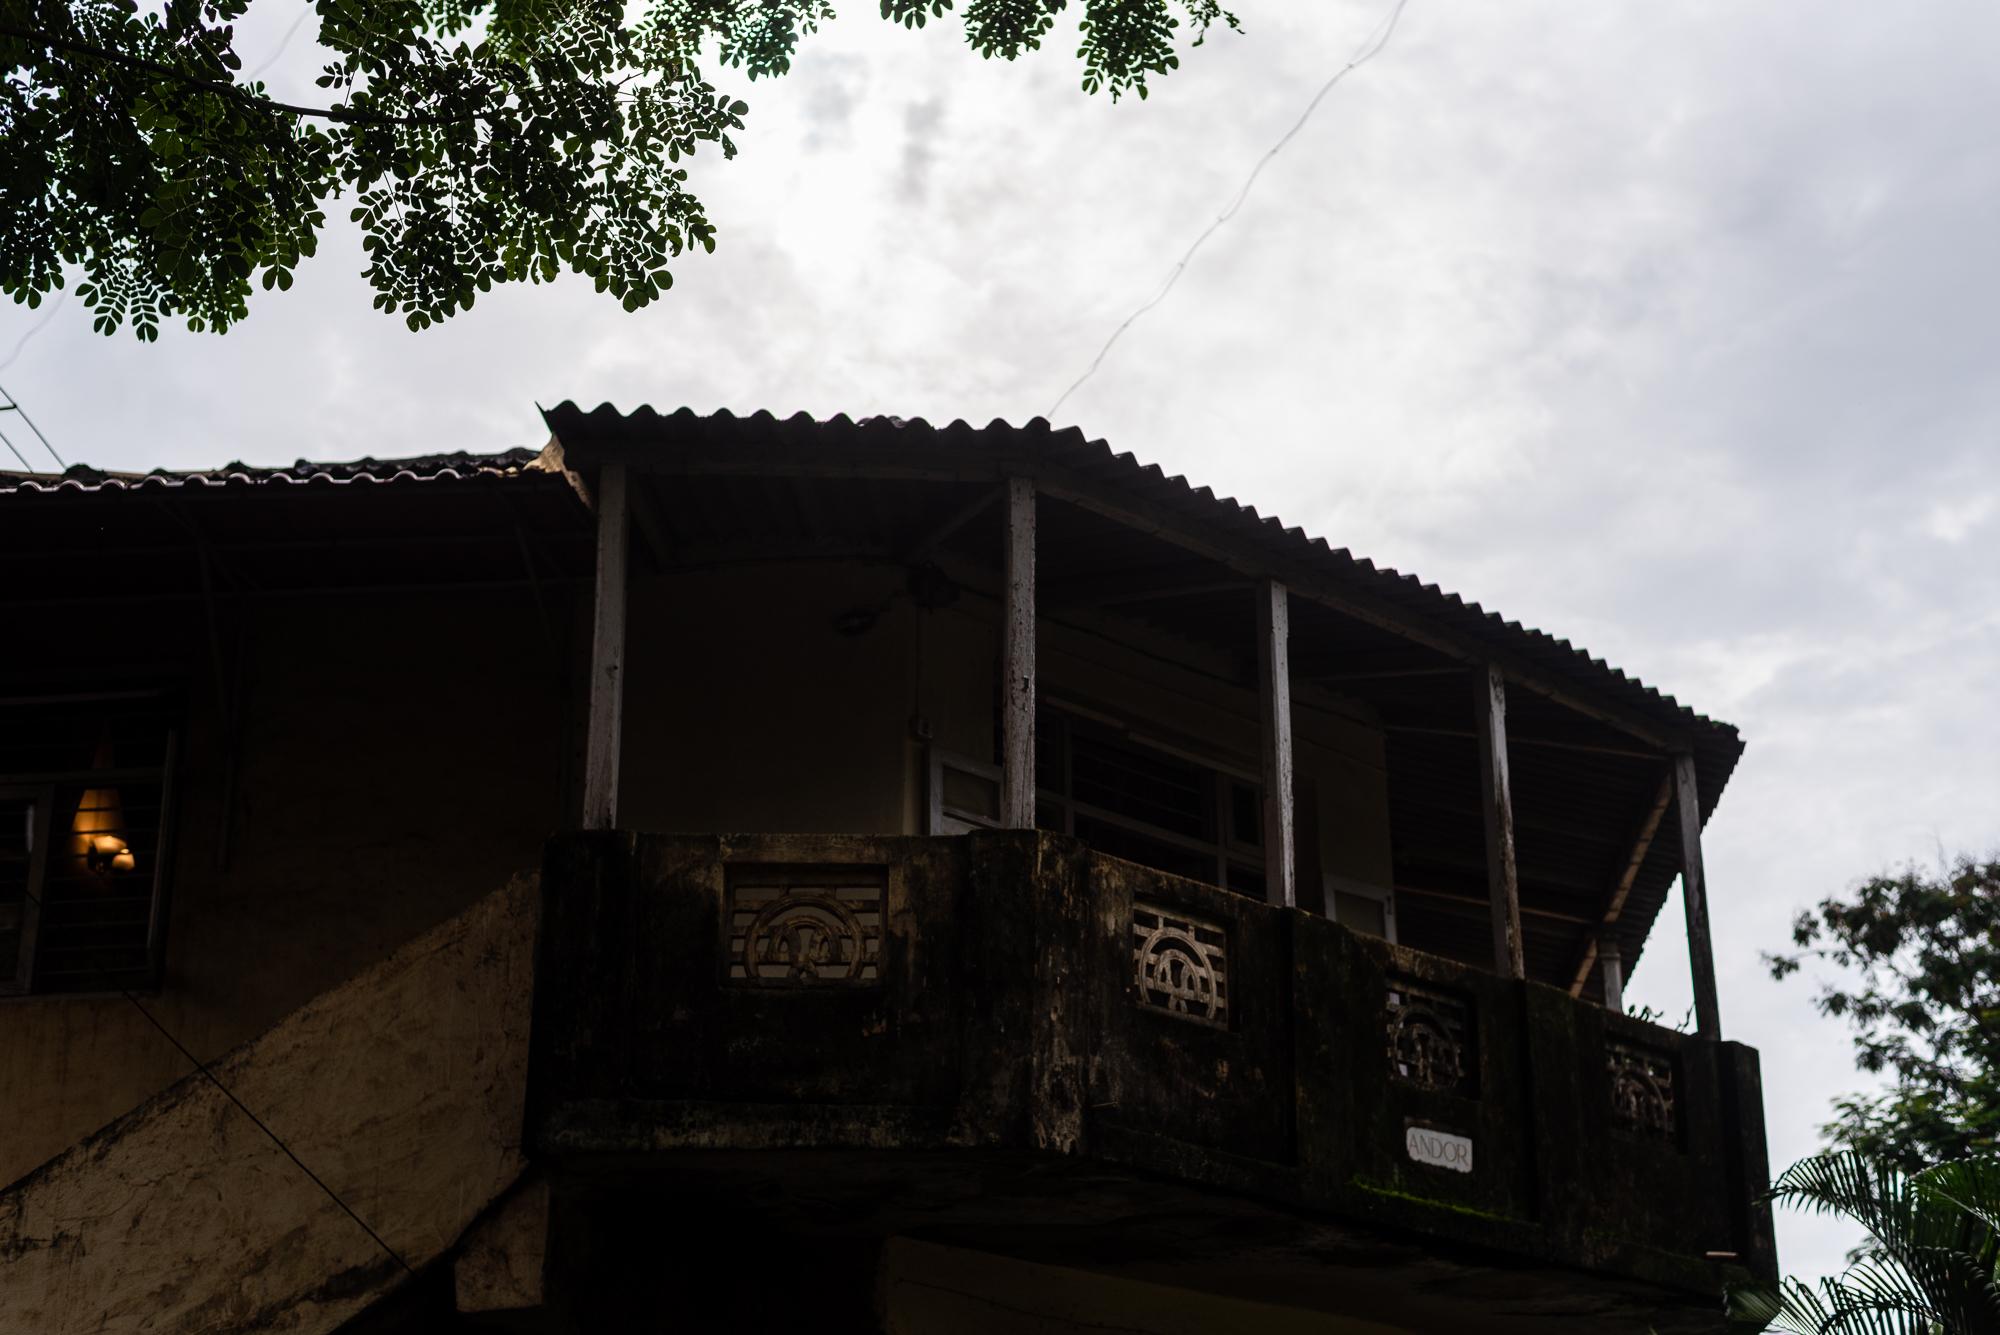 A dark home